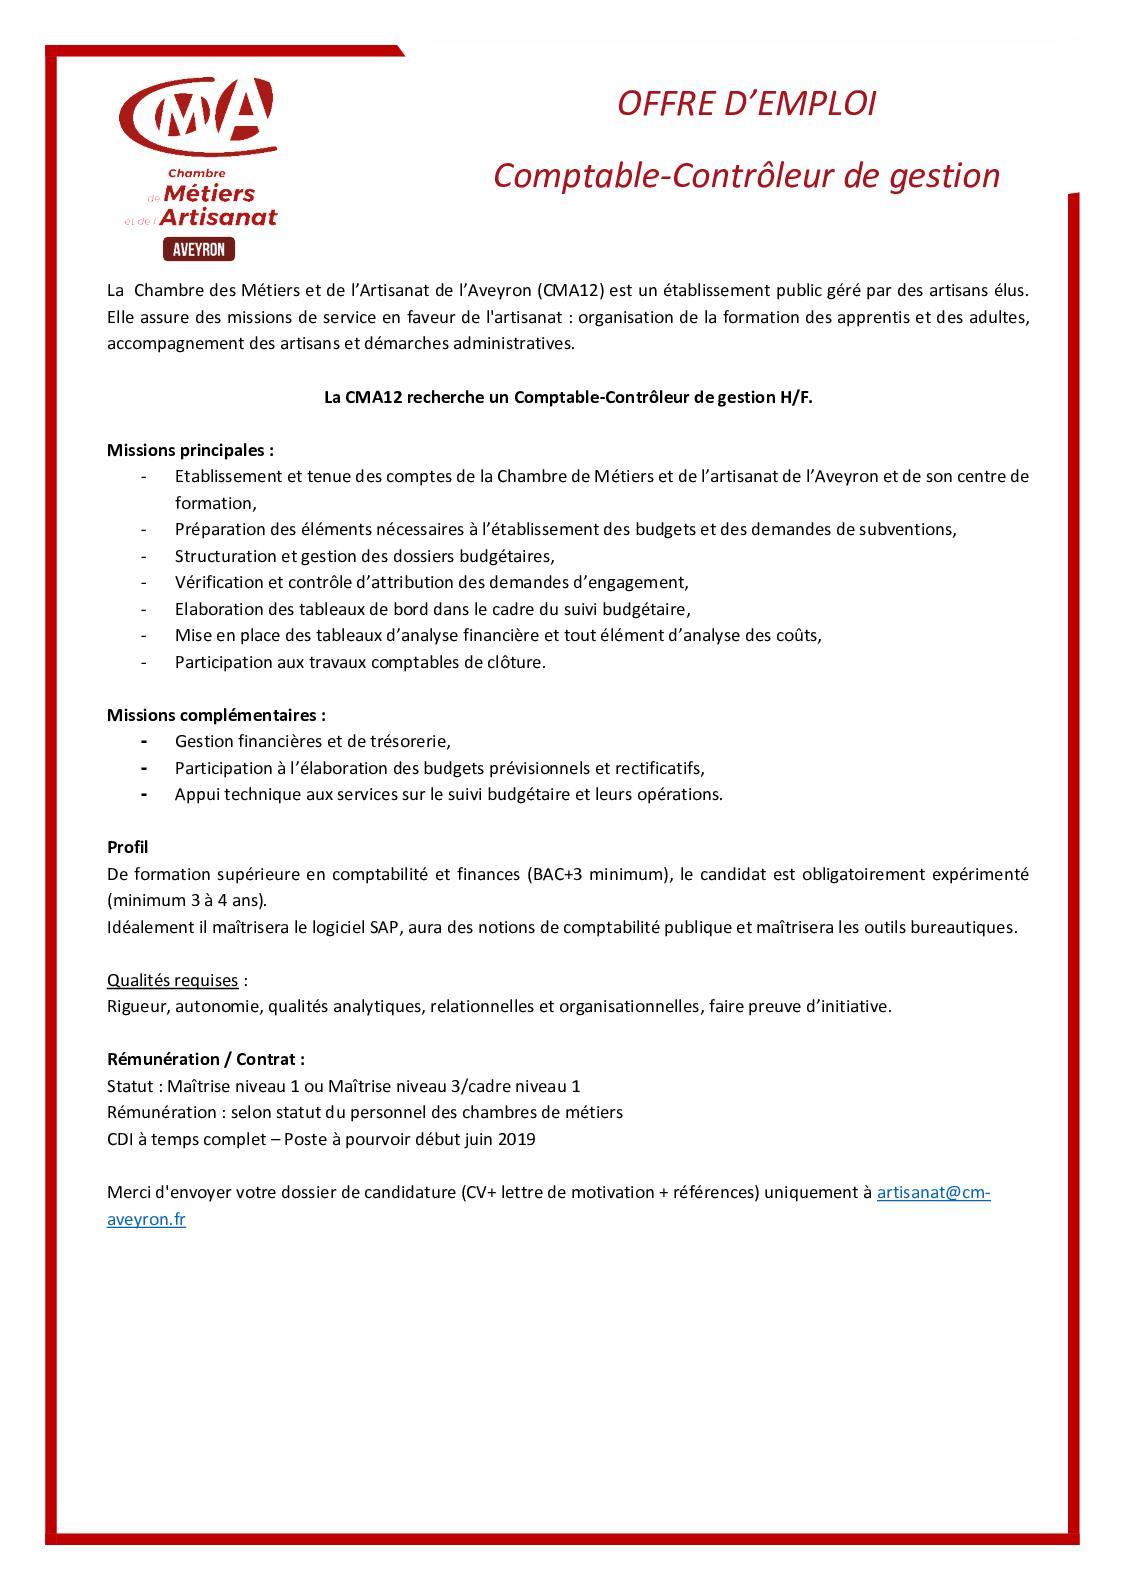 Calaméo - Offre D'emploi Comptable Contrôleur De Gestion